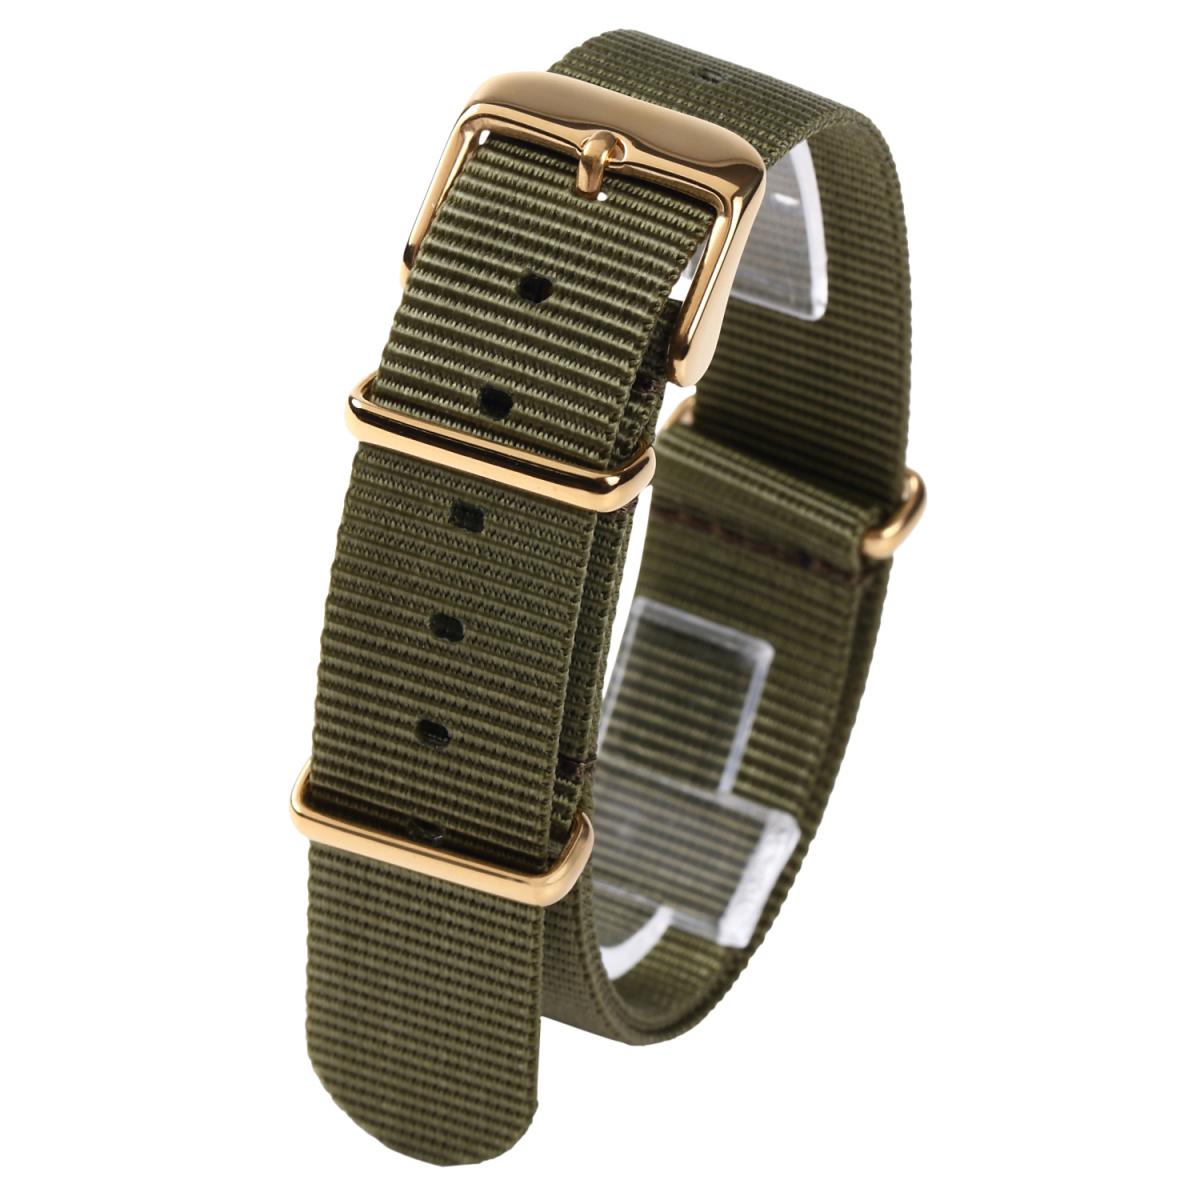 時計ベルト20mm NATO ゴールドバックル カーキグリーン 全長255mm ショートサイズ ナイロンストラップ取付けマニュアル _画像1